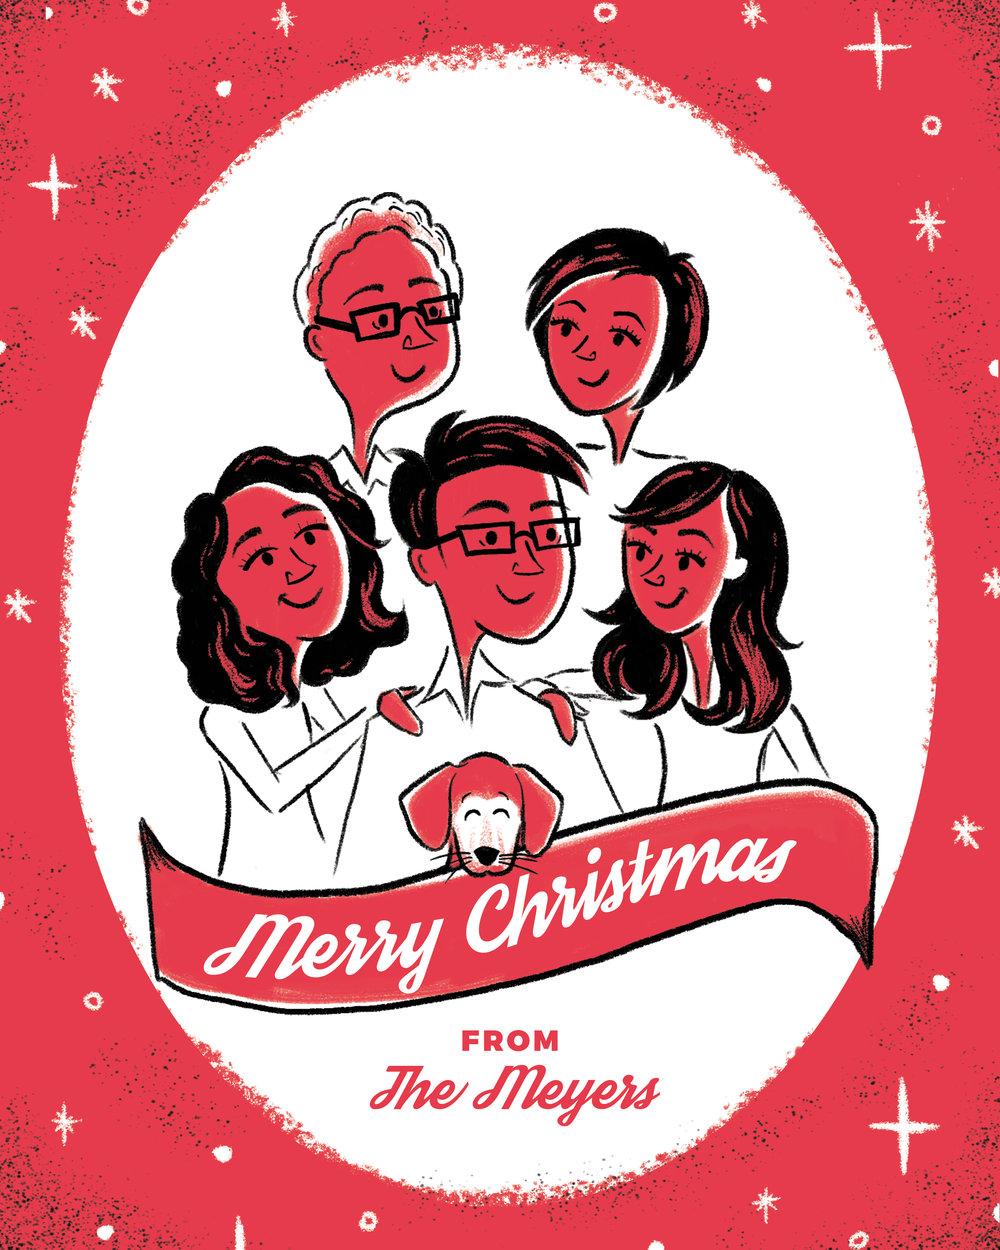 Christmas-Card-2017_8x10.jpg